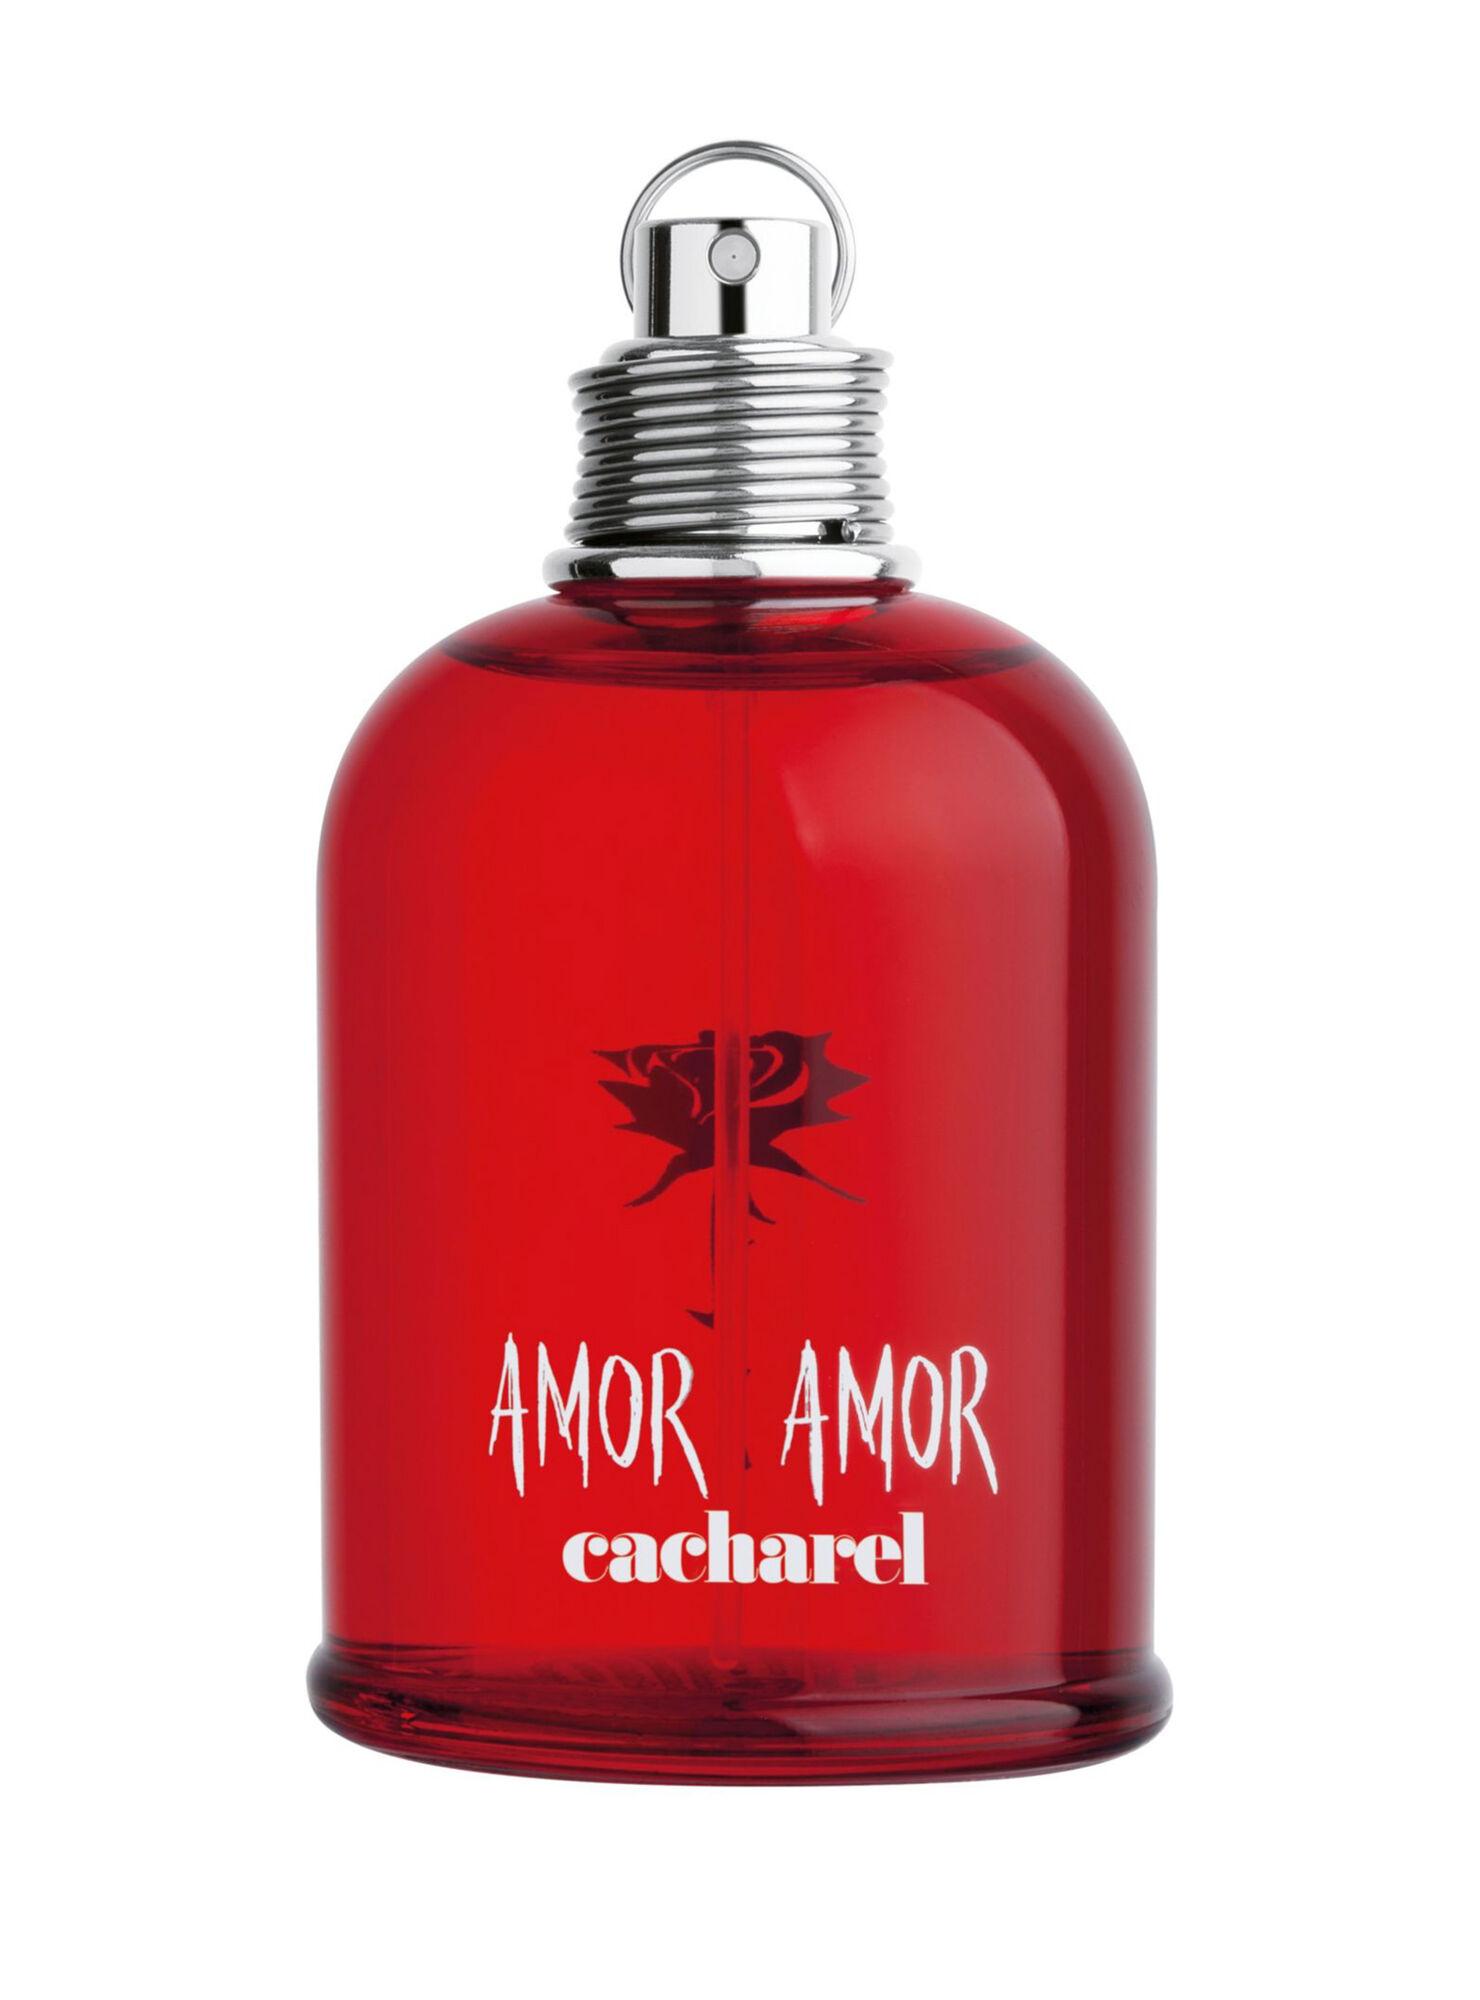 8b9de958a1 Perfume Cacharel Amor Amor EDT 100 ml Edición Limitada en Perfumes ...